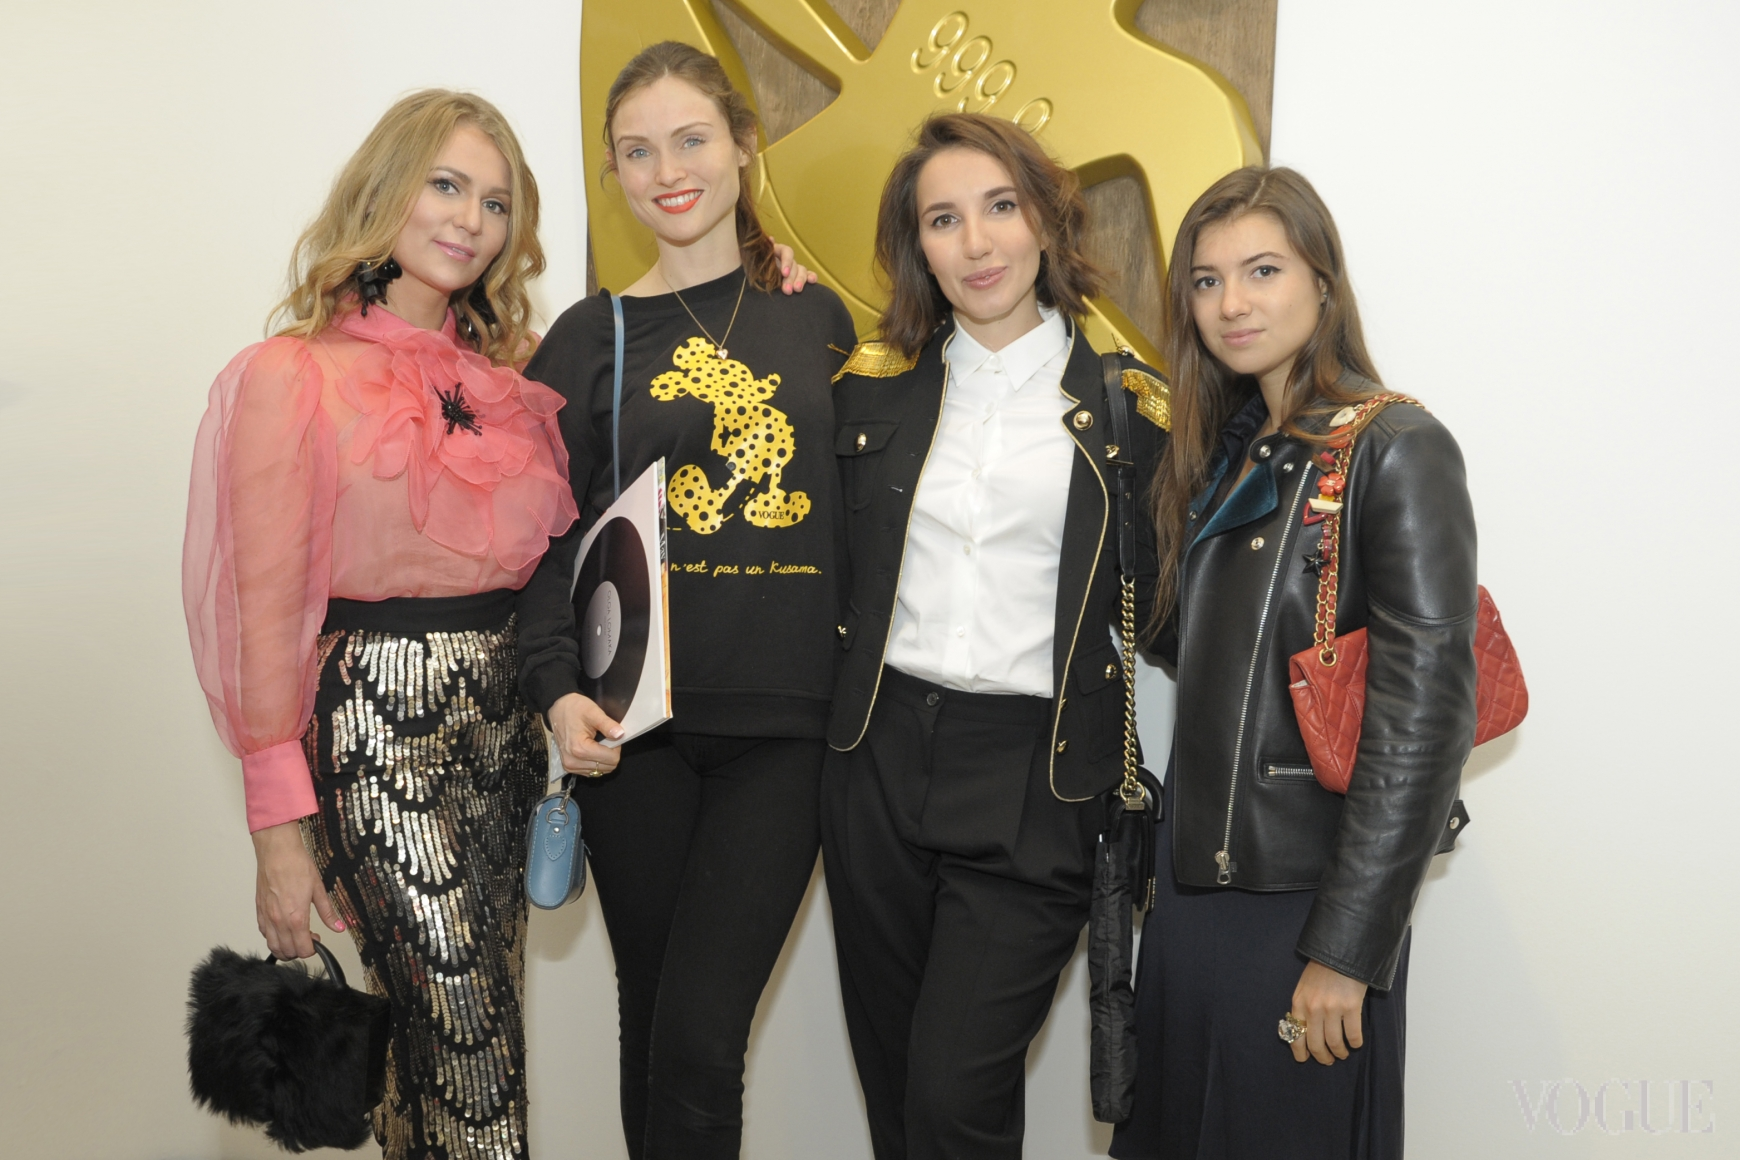 Ольга Ломака, Софи Эллис-Бекстор, Алена Приходько